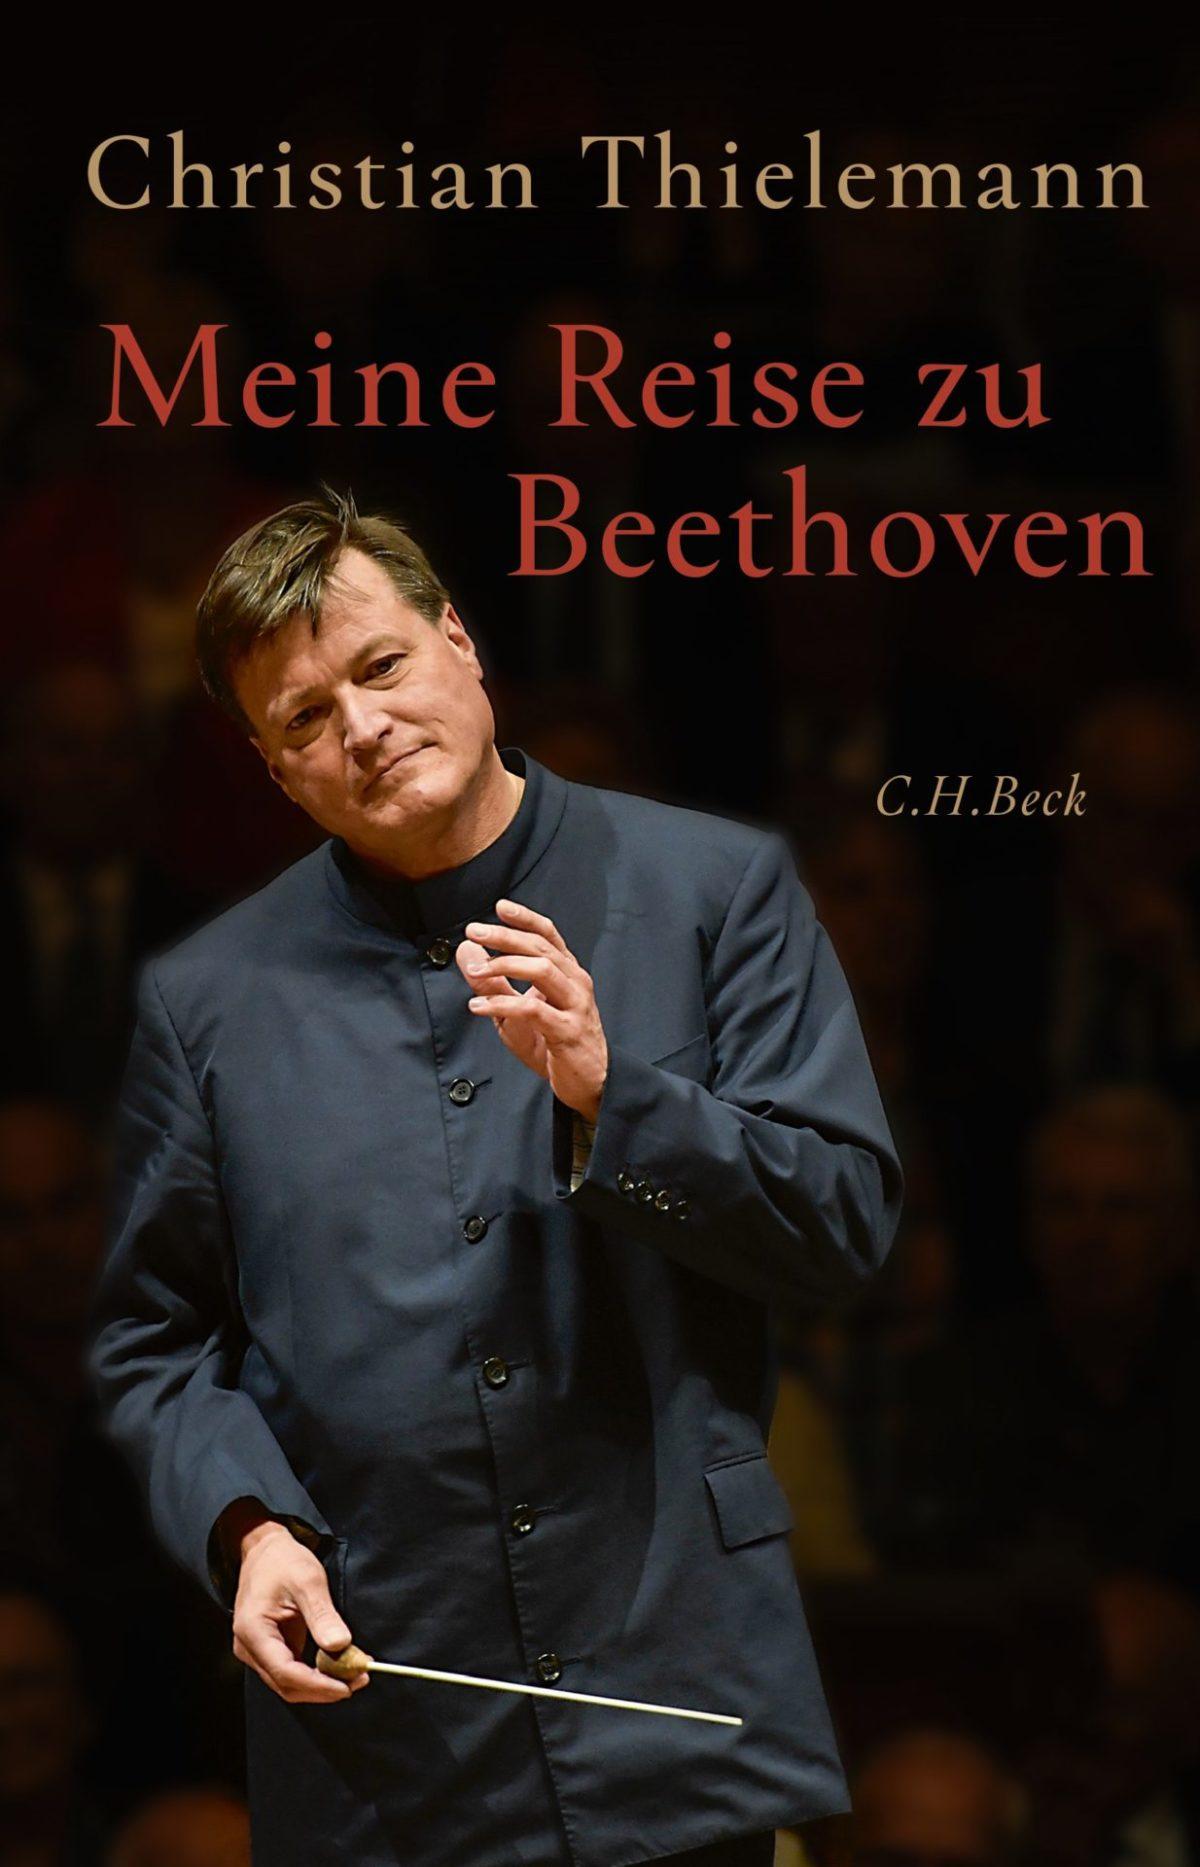 """Ladas Klassikwelt (62): """"Beethoven spült uns die Ohren"""" – Bemerkungen zu Christian Thielemanns Buch """"Meine Reise zu Beethoven"""""""